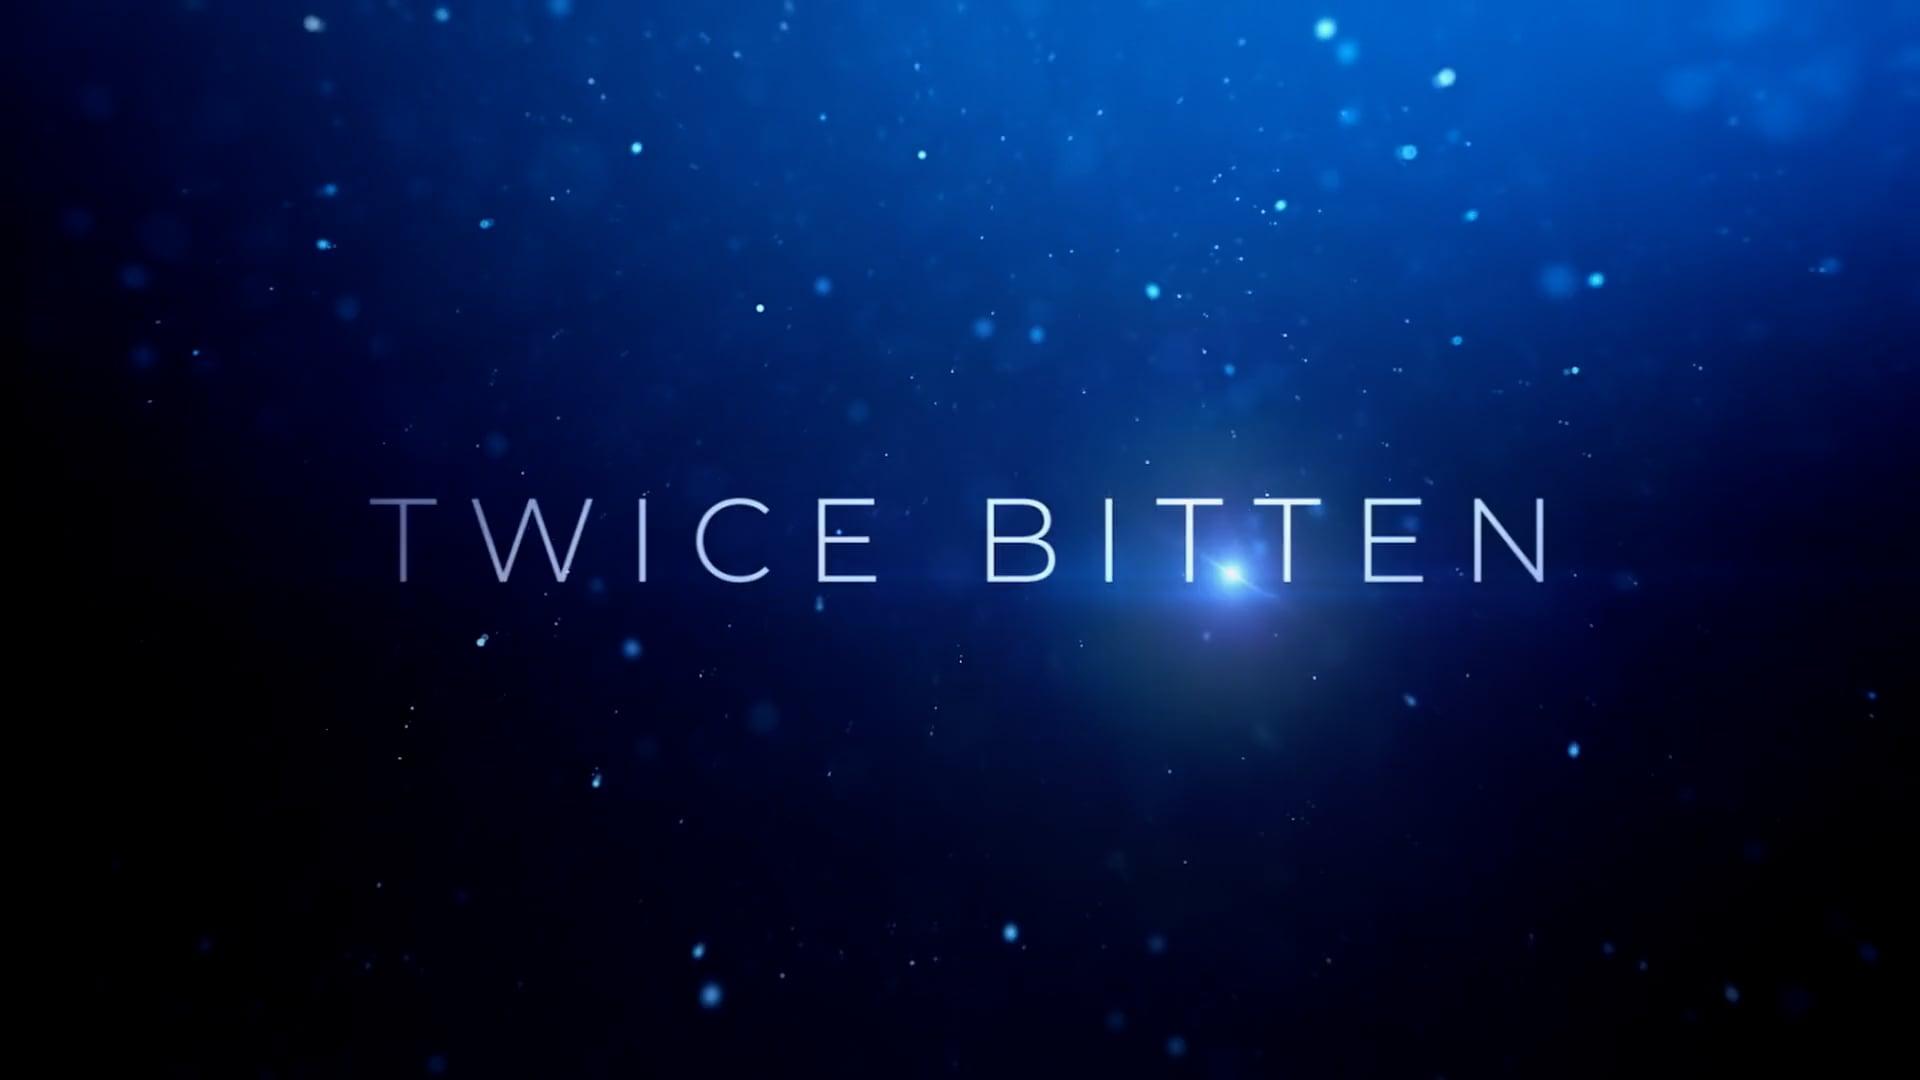 Twice Bitten